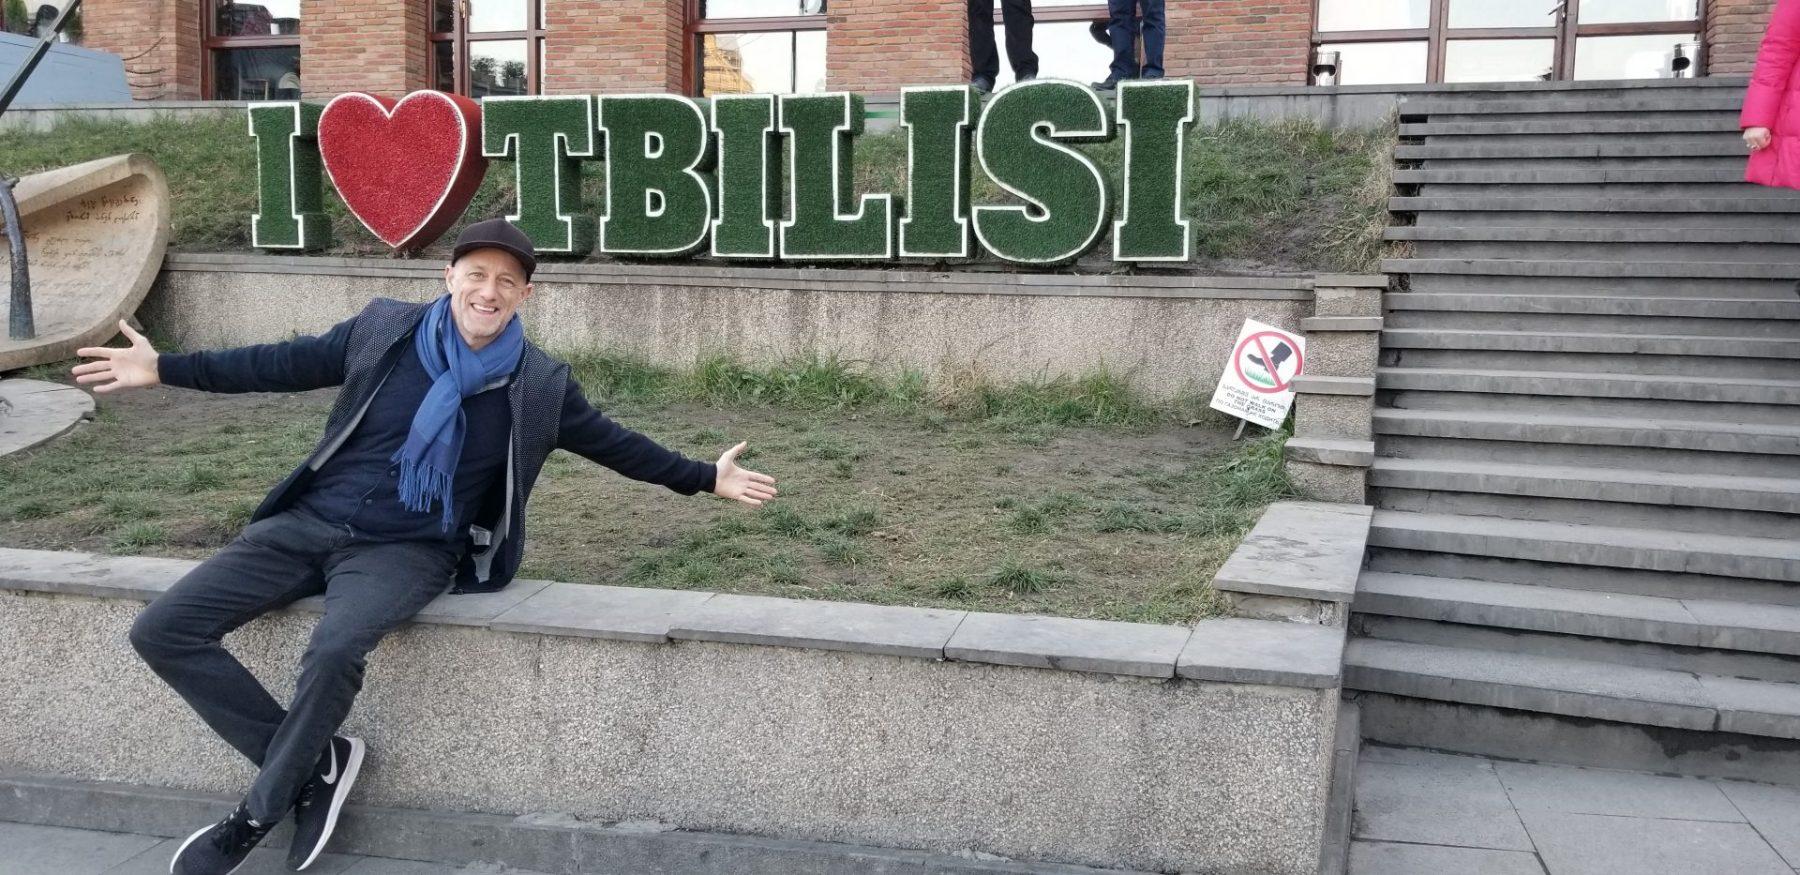 MIchael Scott Novilla in Tbilisi